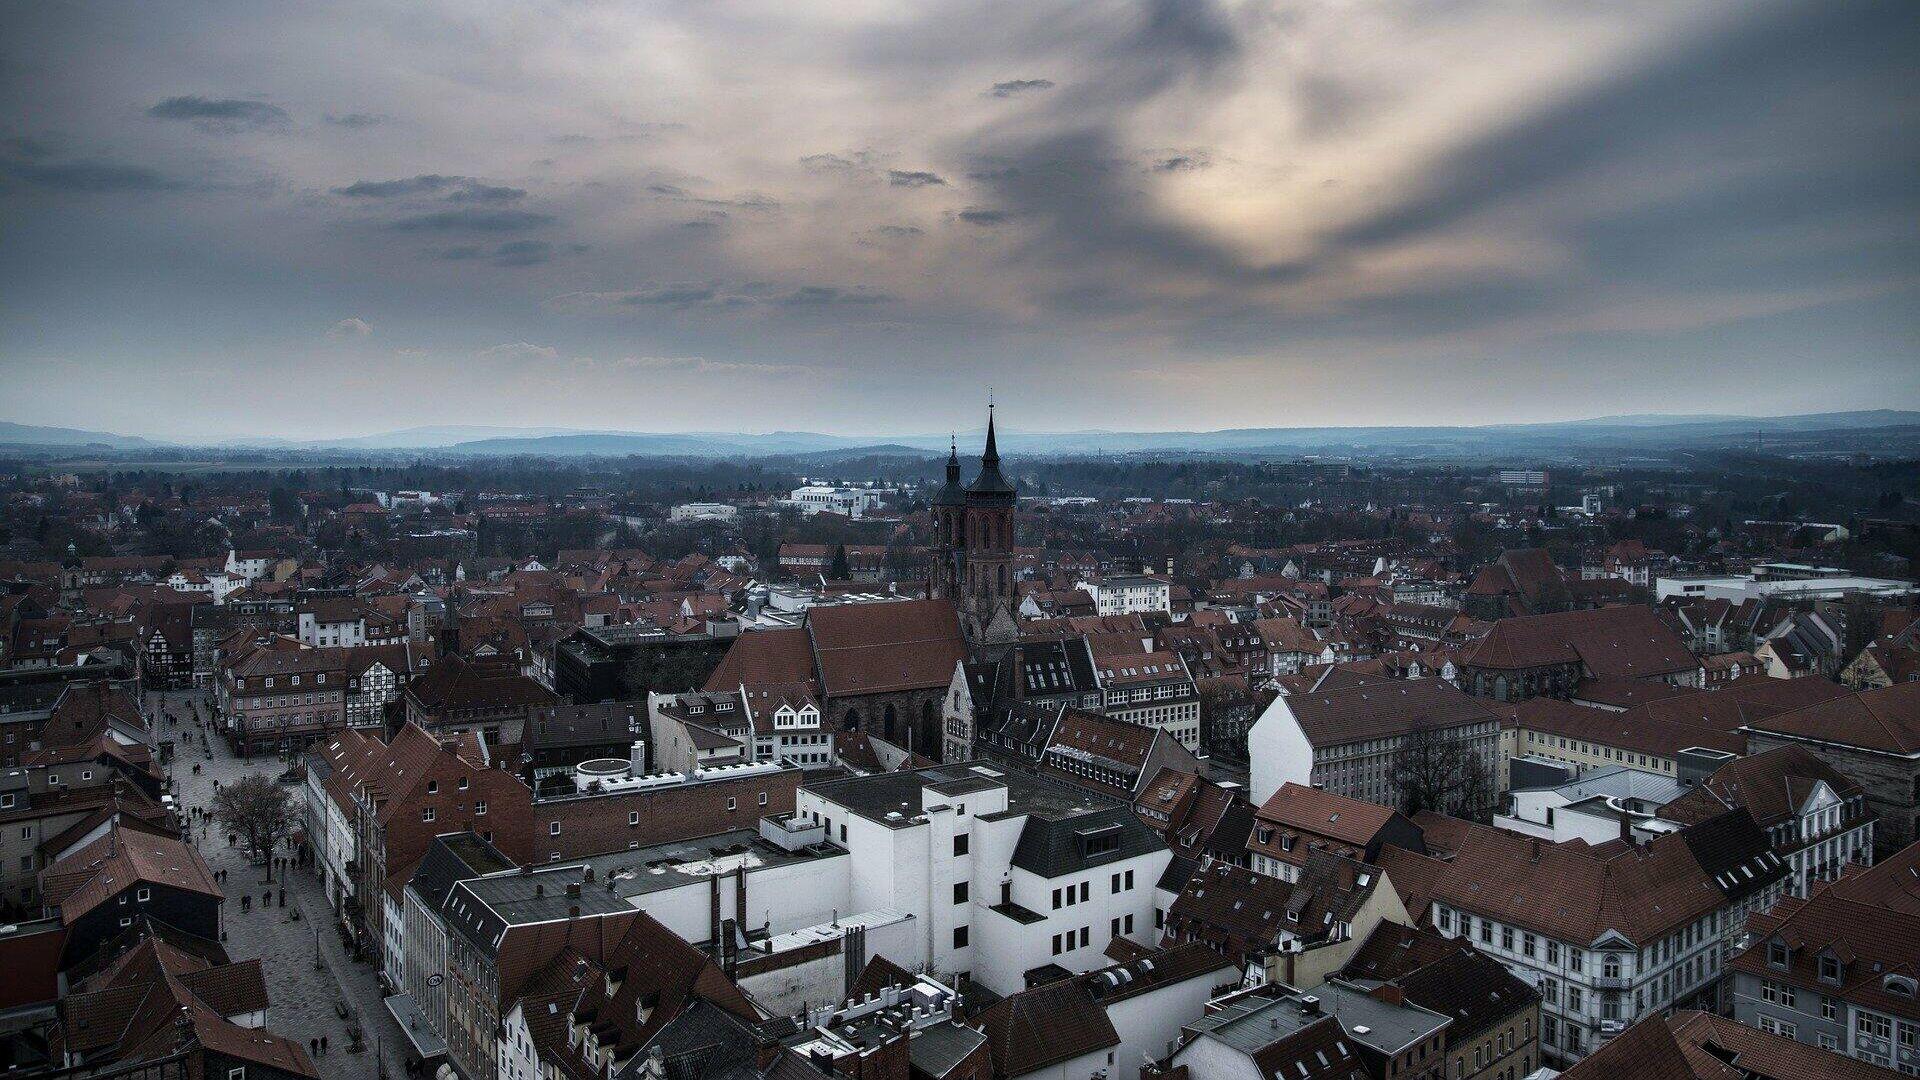 Göttingen - SNA, 1920, 30.01.2021